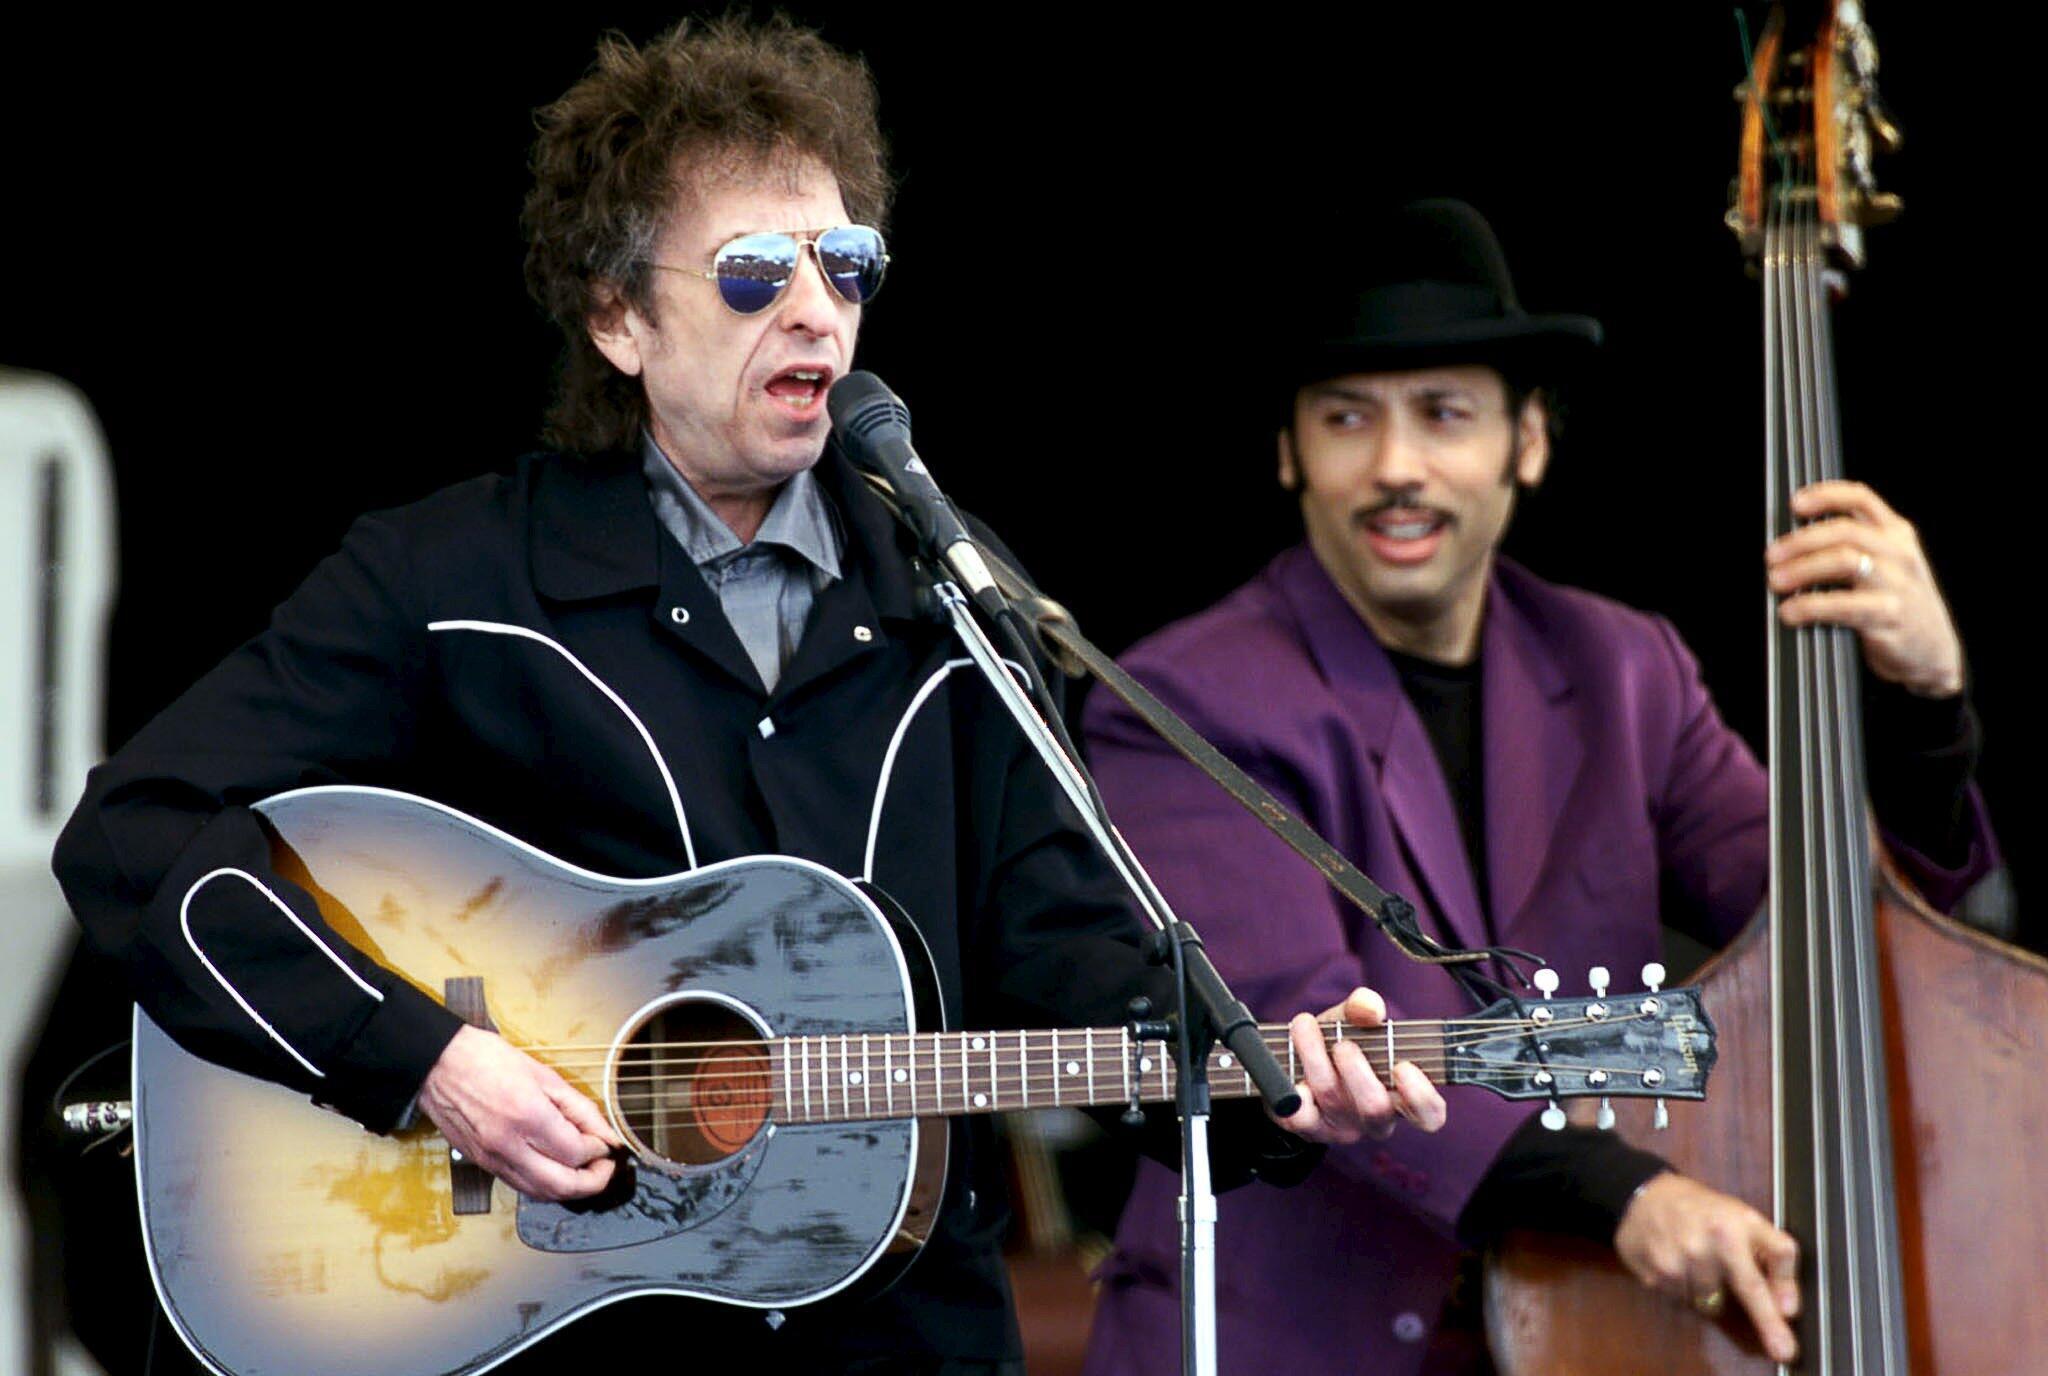 Huyền thoại Bob Dylan trong chương trình biểu diễn âm nhạc Top of the Mountain Concert, tại khu trượt tuyết Ischgl, Áo, ngày 01/05/1999.